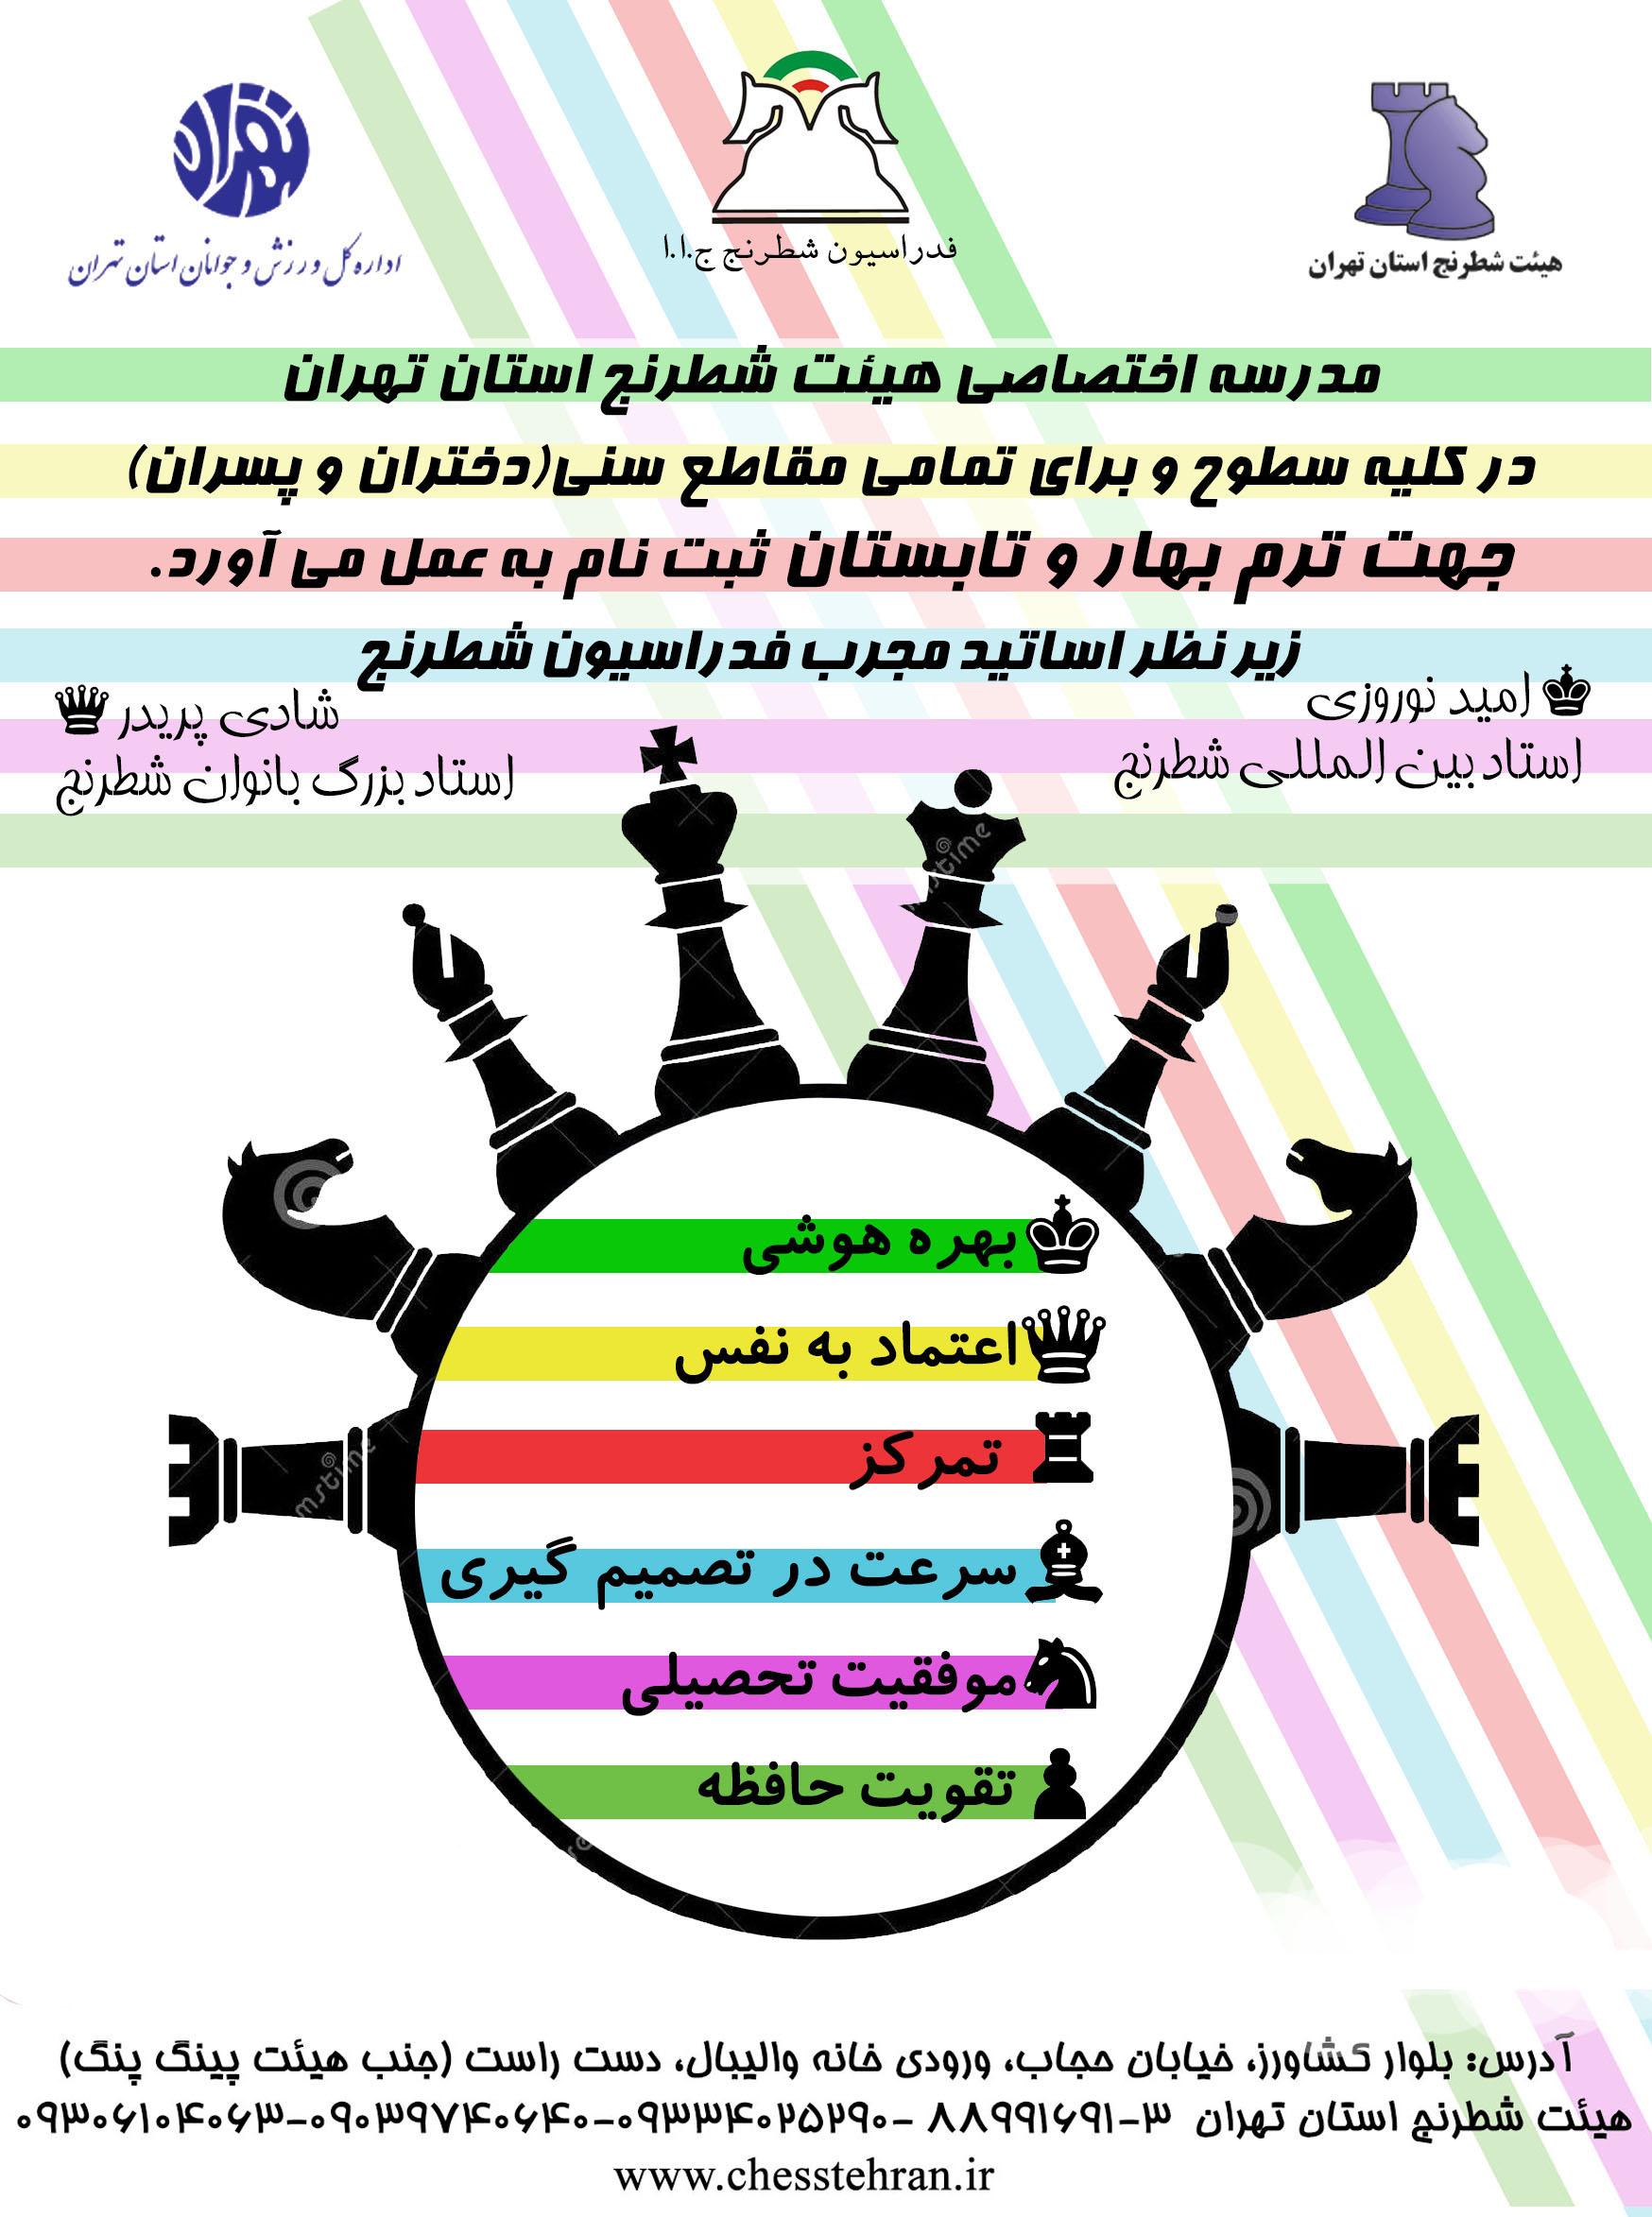 کلاس آموزشی هیئت شطرنج تهران